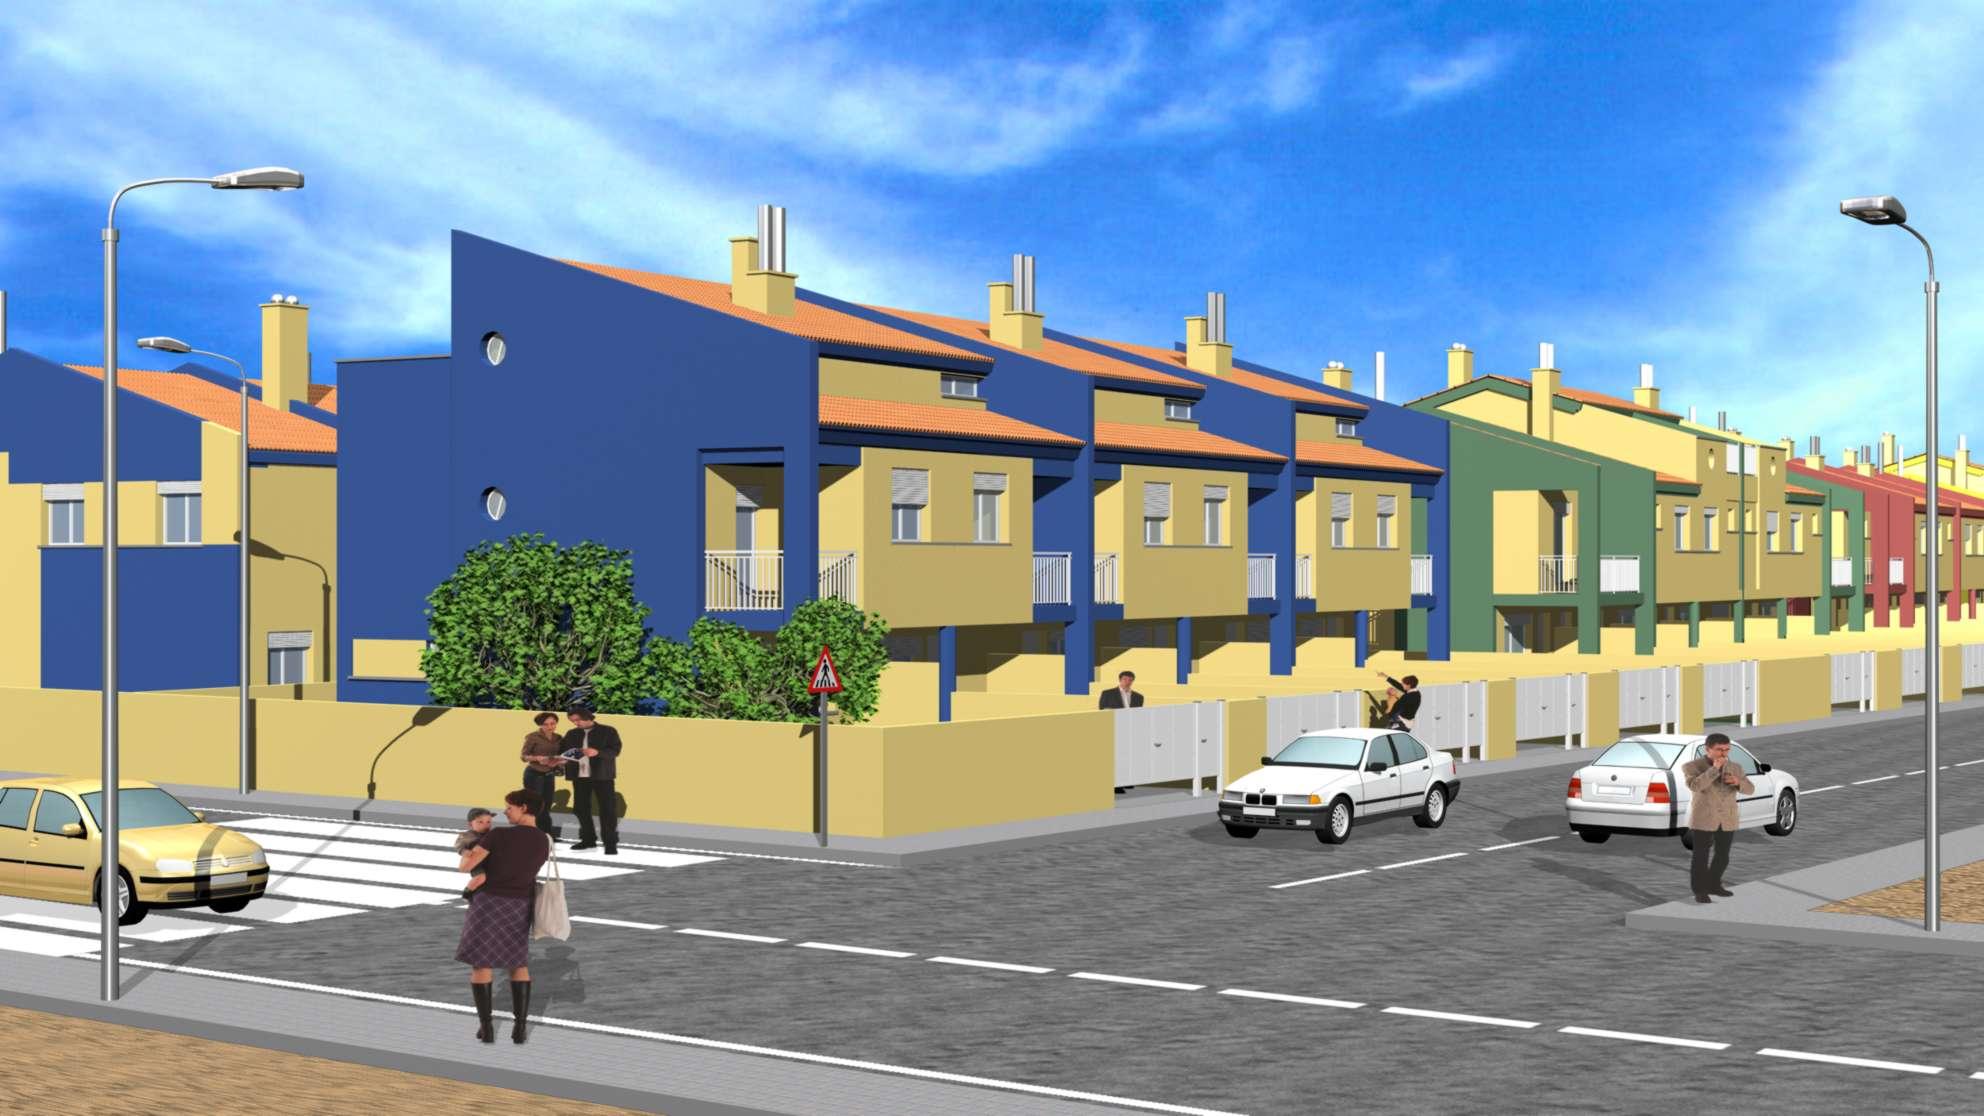 Urbanizacion for Piso en urbanizacion alcorcon ii